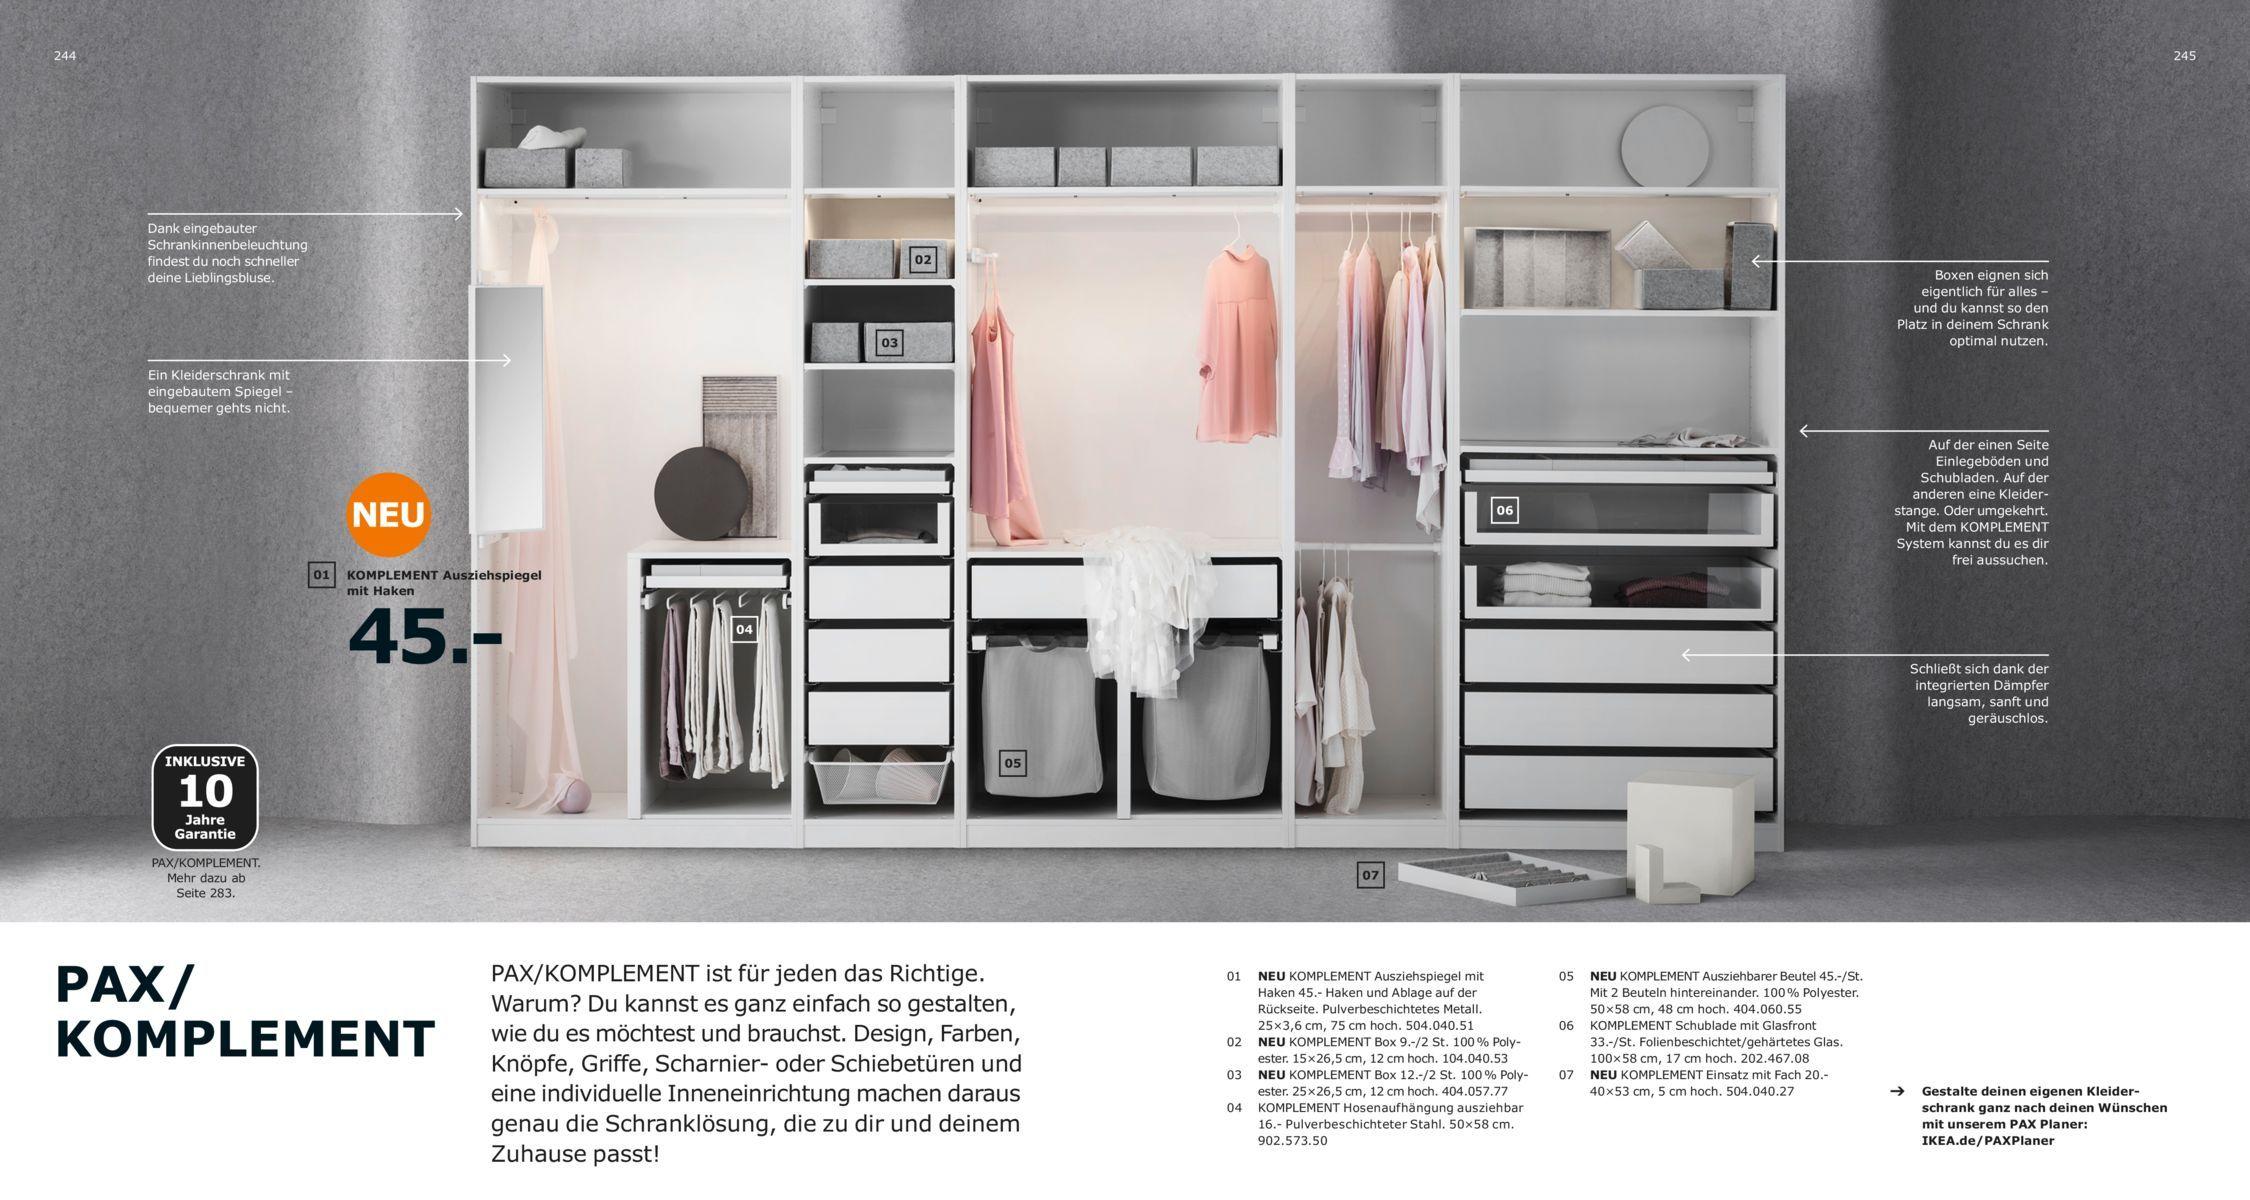 Aufbewahrung Fur Kleidung Und Schuhe Ikea Katalog 2019 Ikea Aufbewahrung Katalog